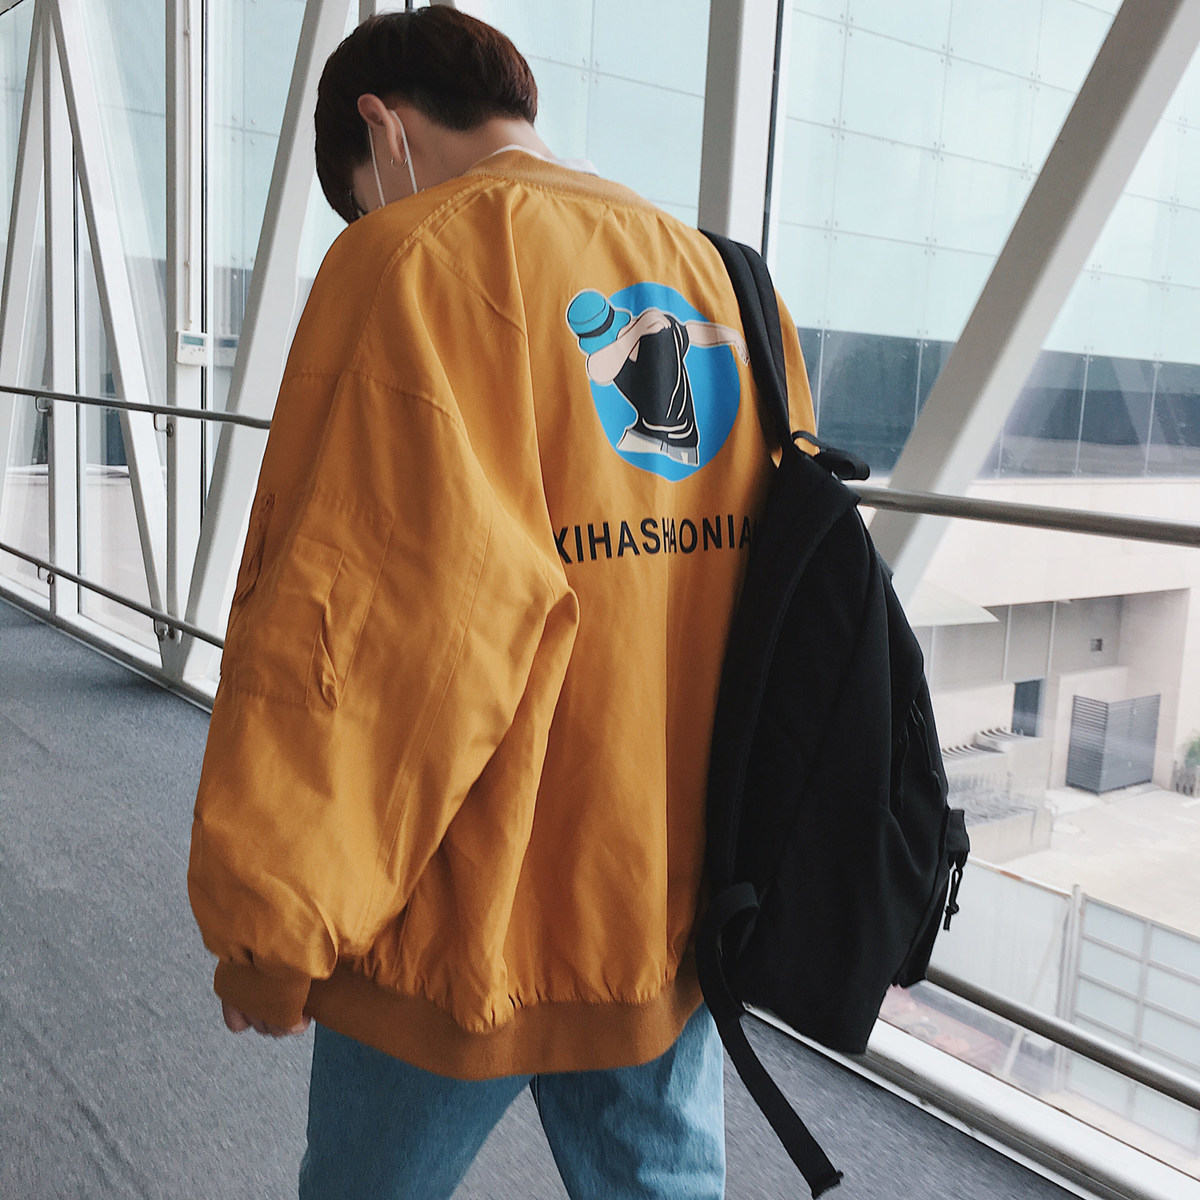 Bombardier Veste Lâche purple Impression blue yellow Bande Coupe Hommes 2xl S Streetwear Dessinée Black Occasionnel Manteaux Mode Survêtement Baseball Marque Col 2018 vent De wxAvqagT